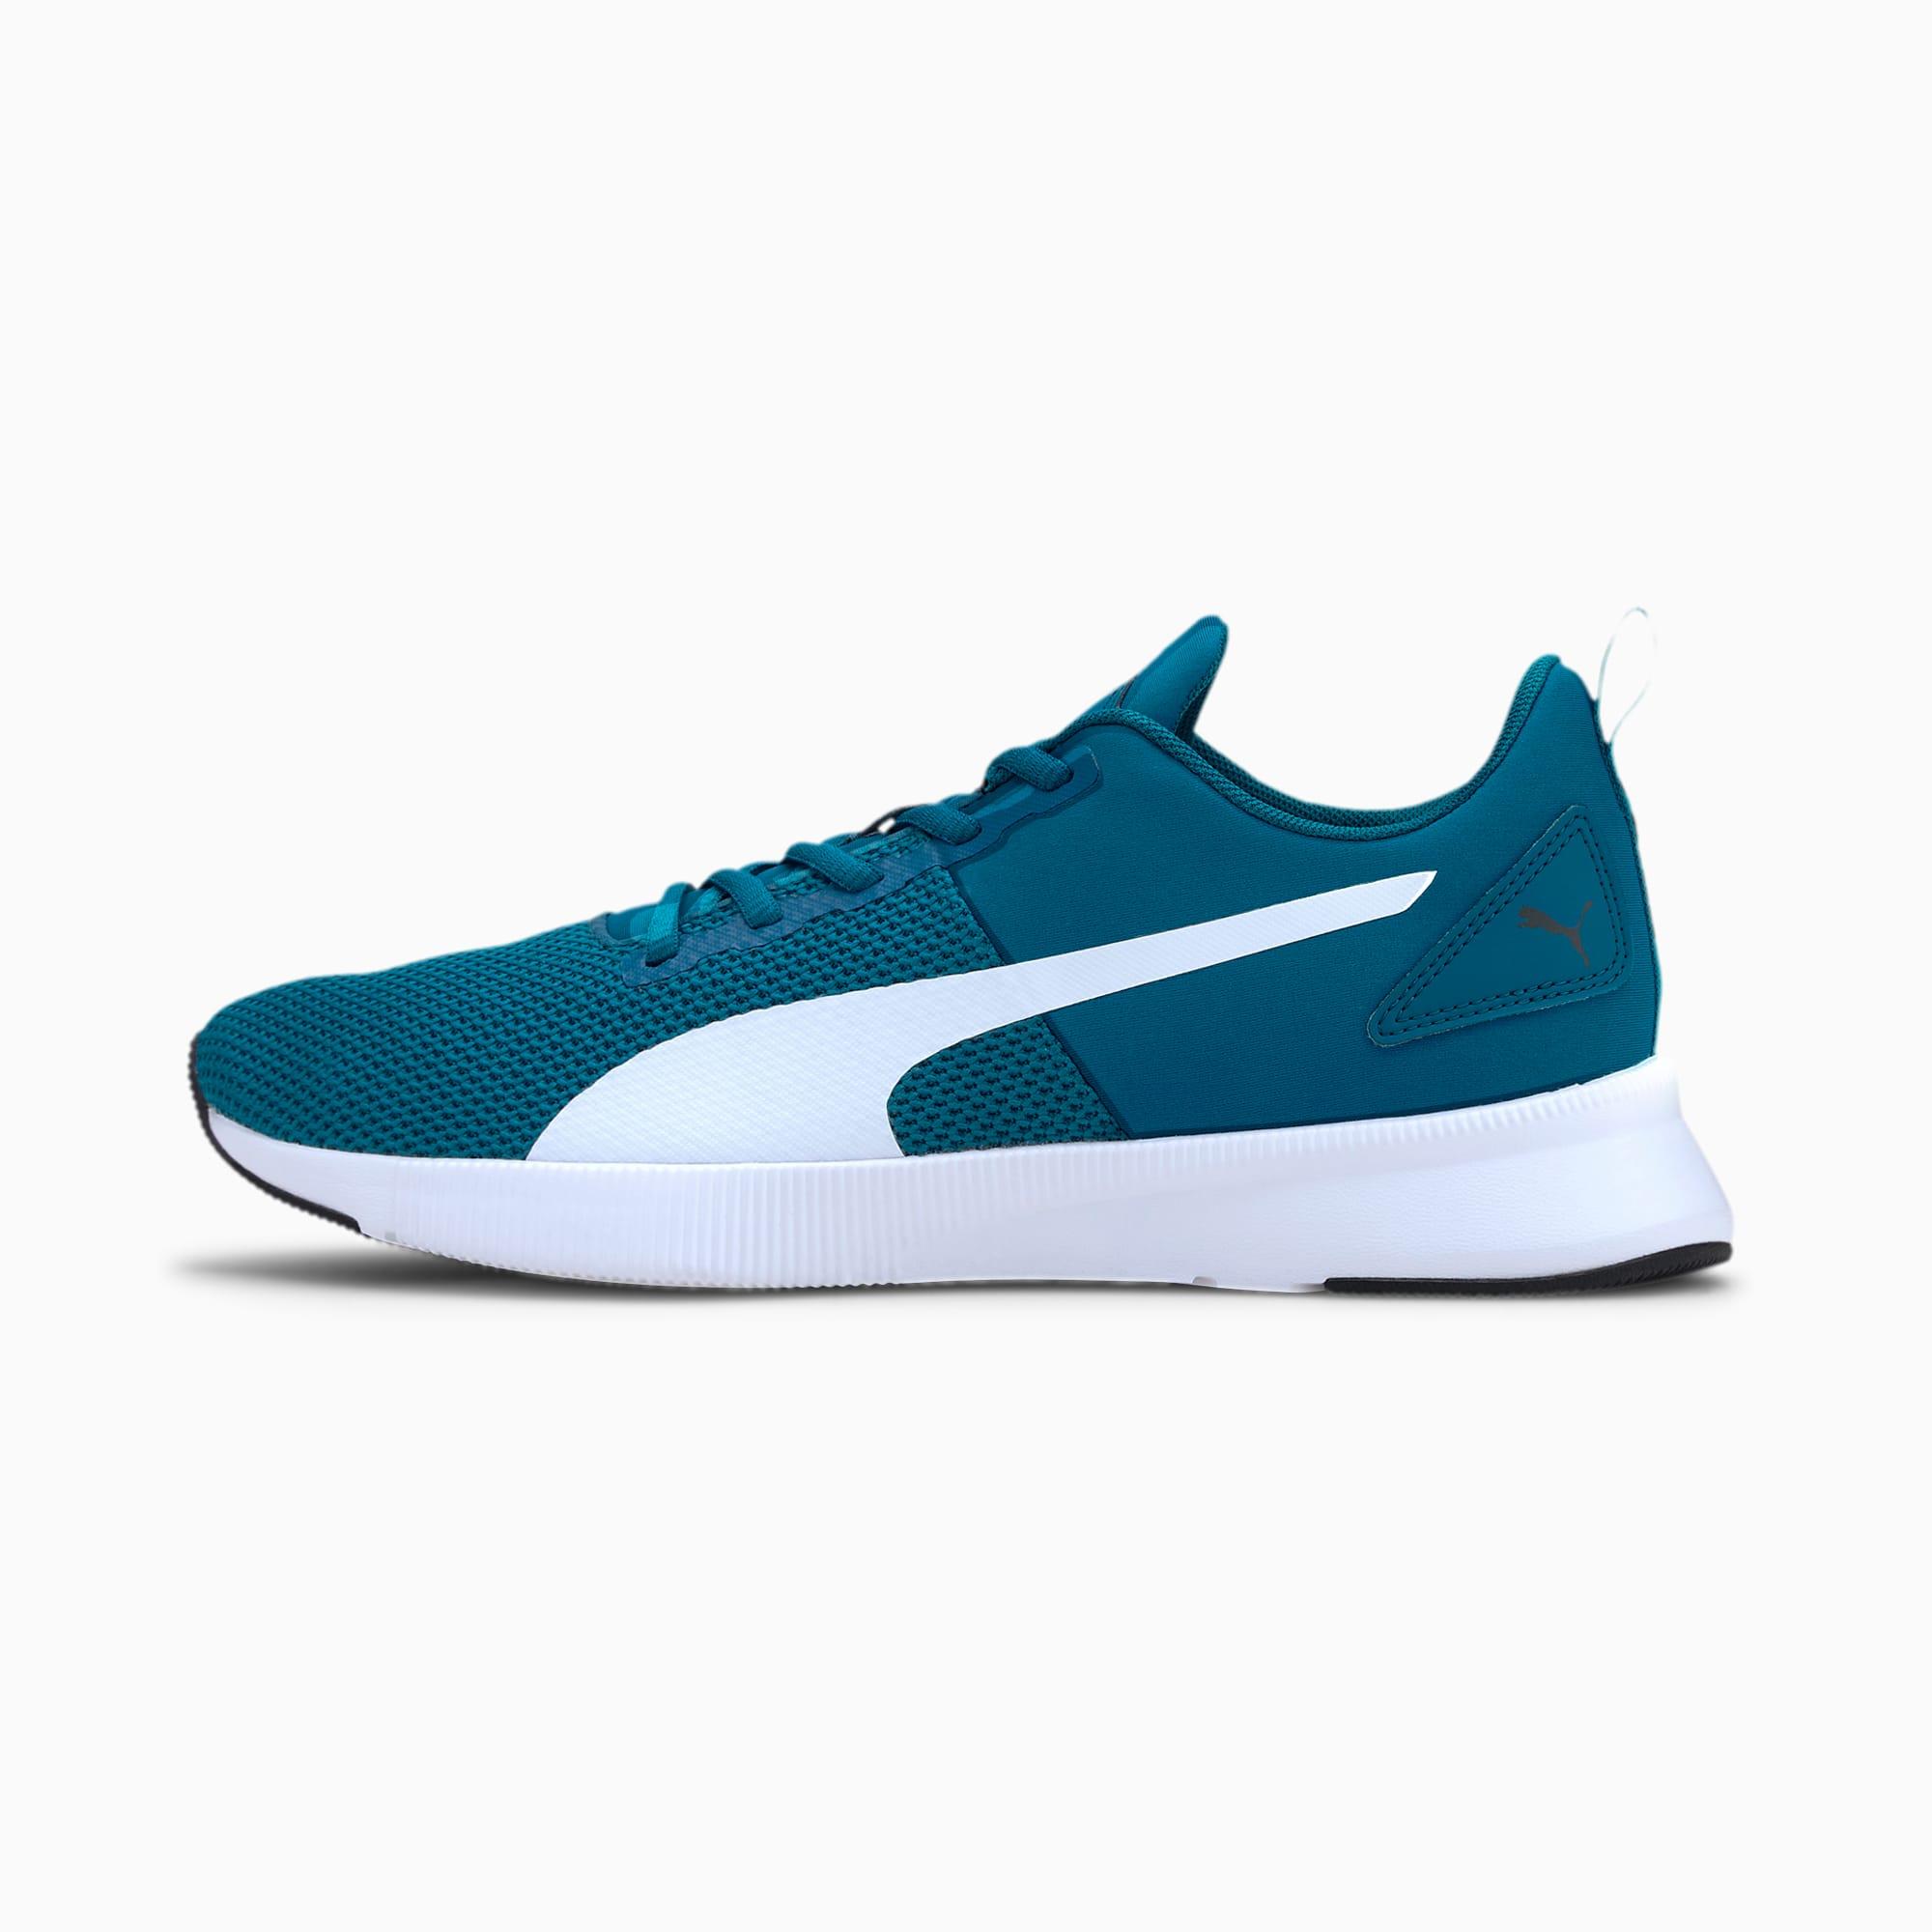 PUMA Chaussure de course Flyer Runner, Blanc/Bleu, Taille 44.5, Chaussures